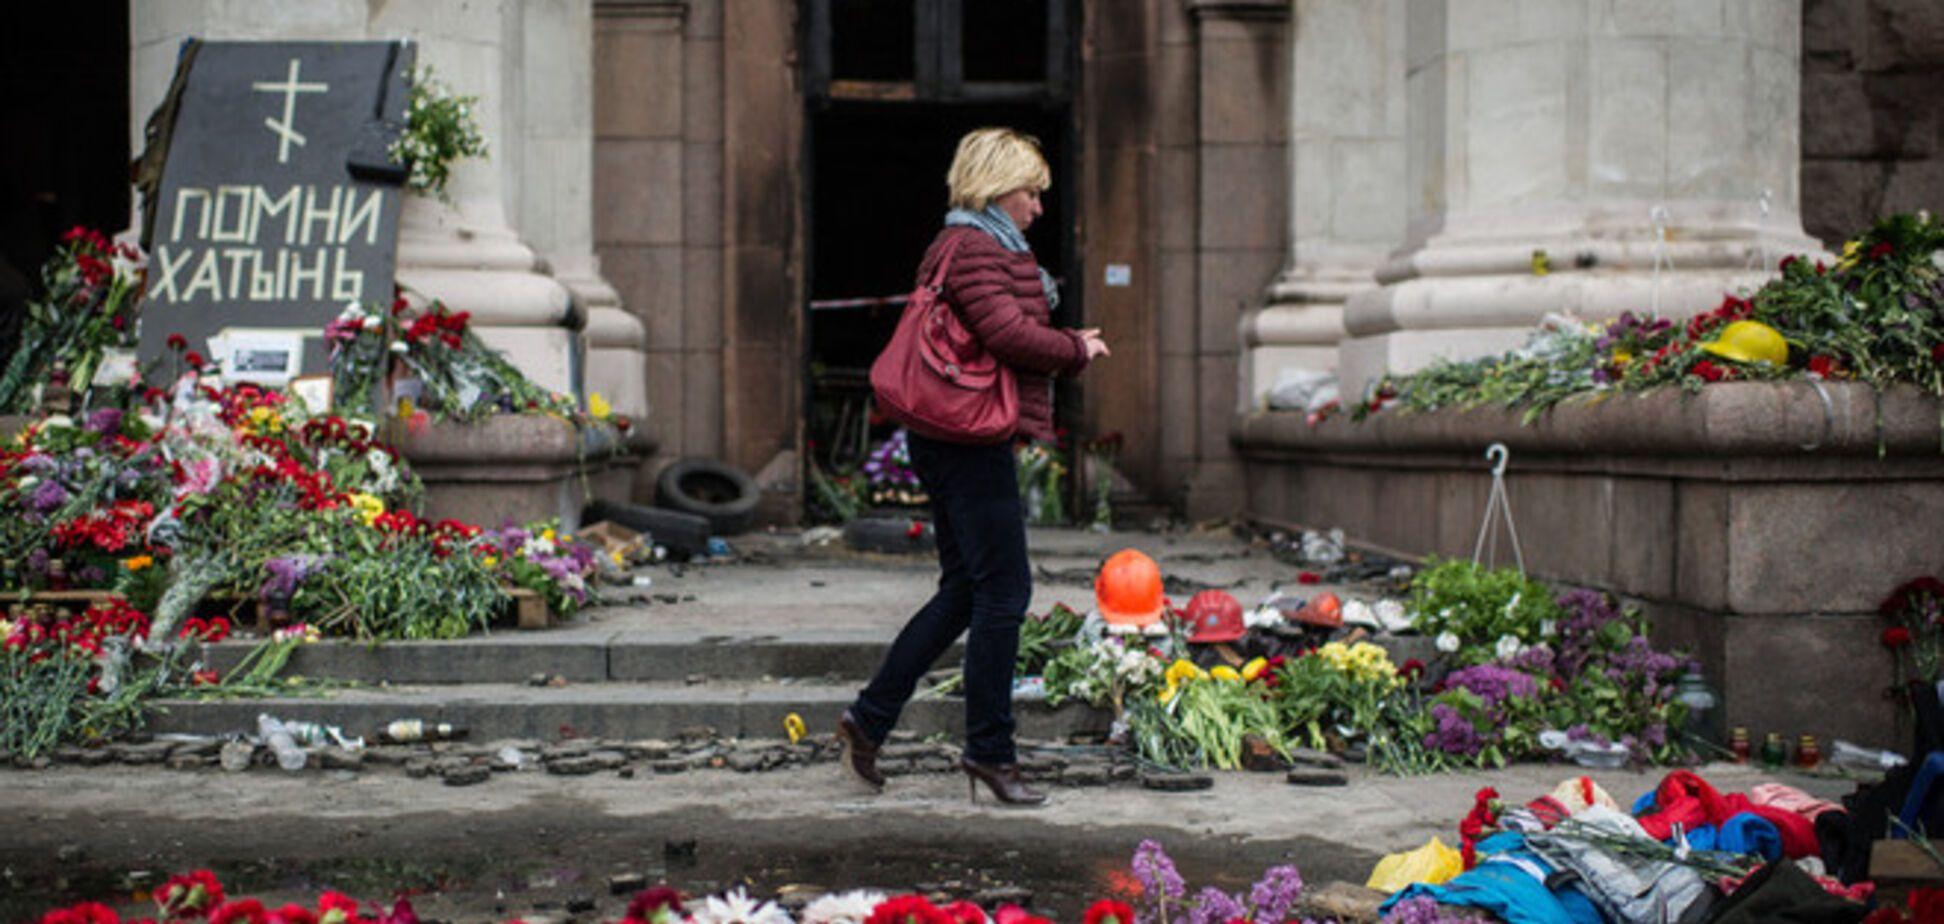 Замглавы МВД: к пожару в Одессе майдановцы и 'Правый сектор' не причастны